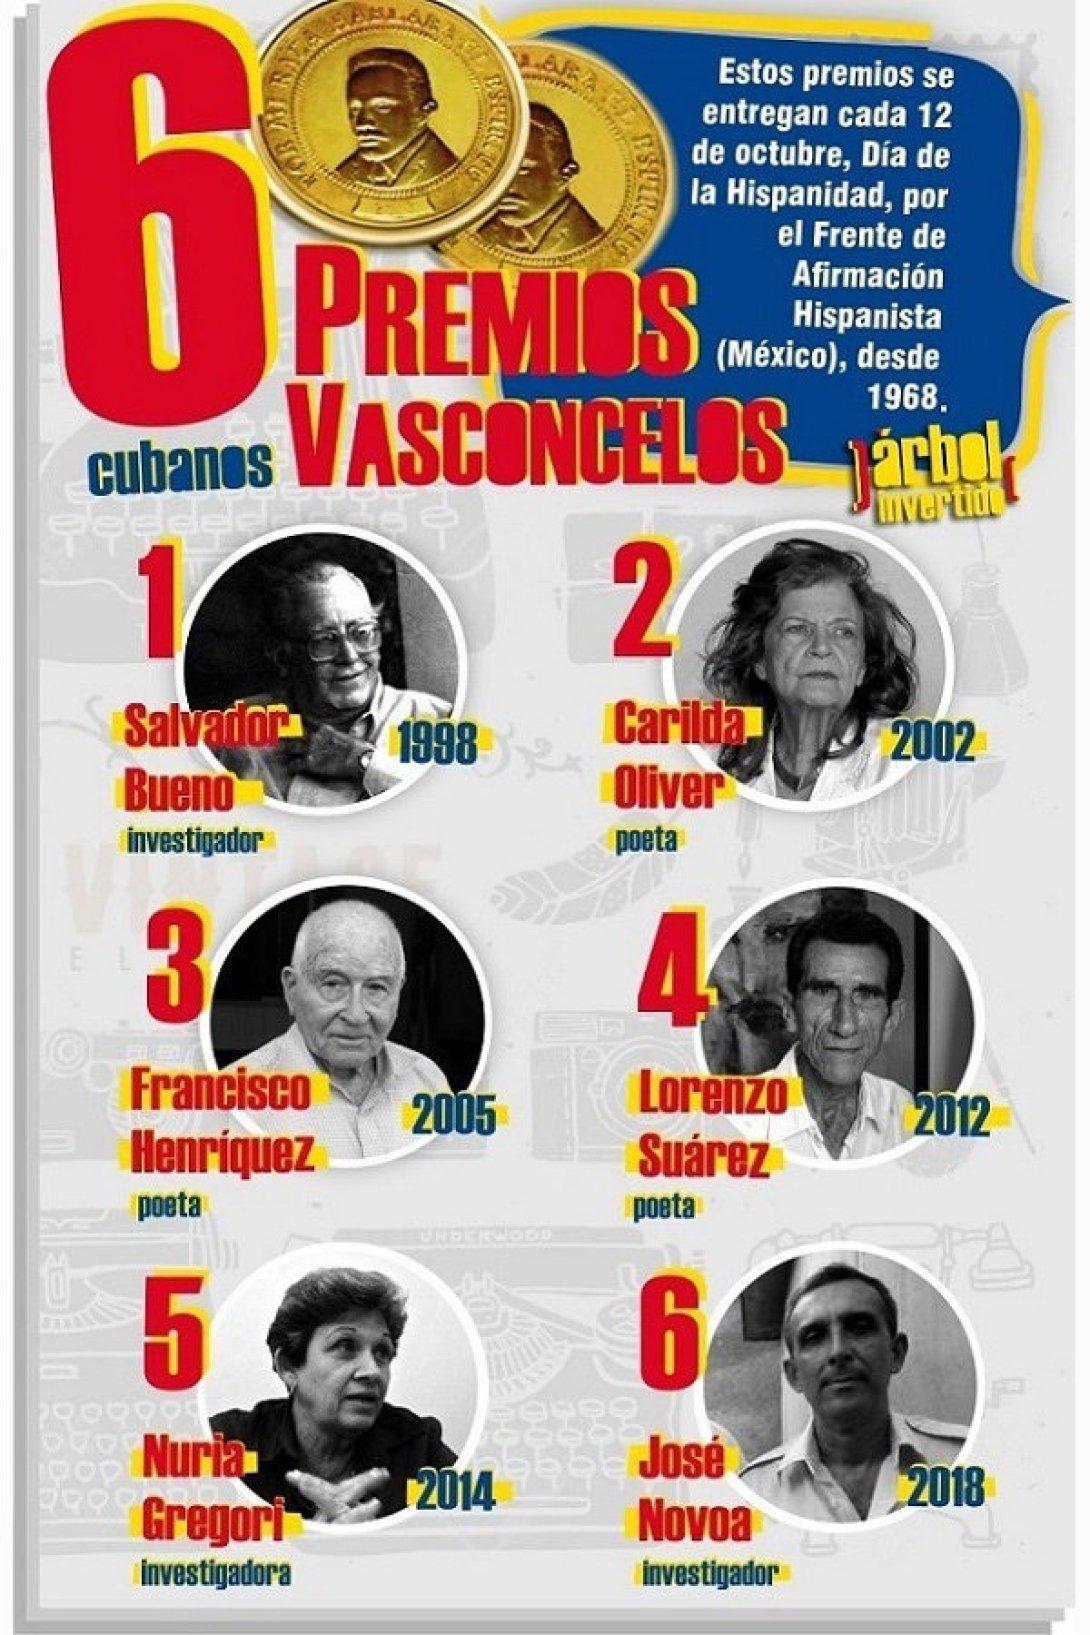 Infografía. Los seis cubanos que han ganado el Premio Vasconcelos